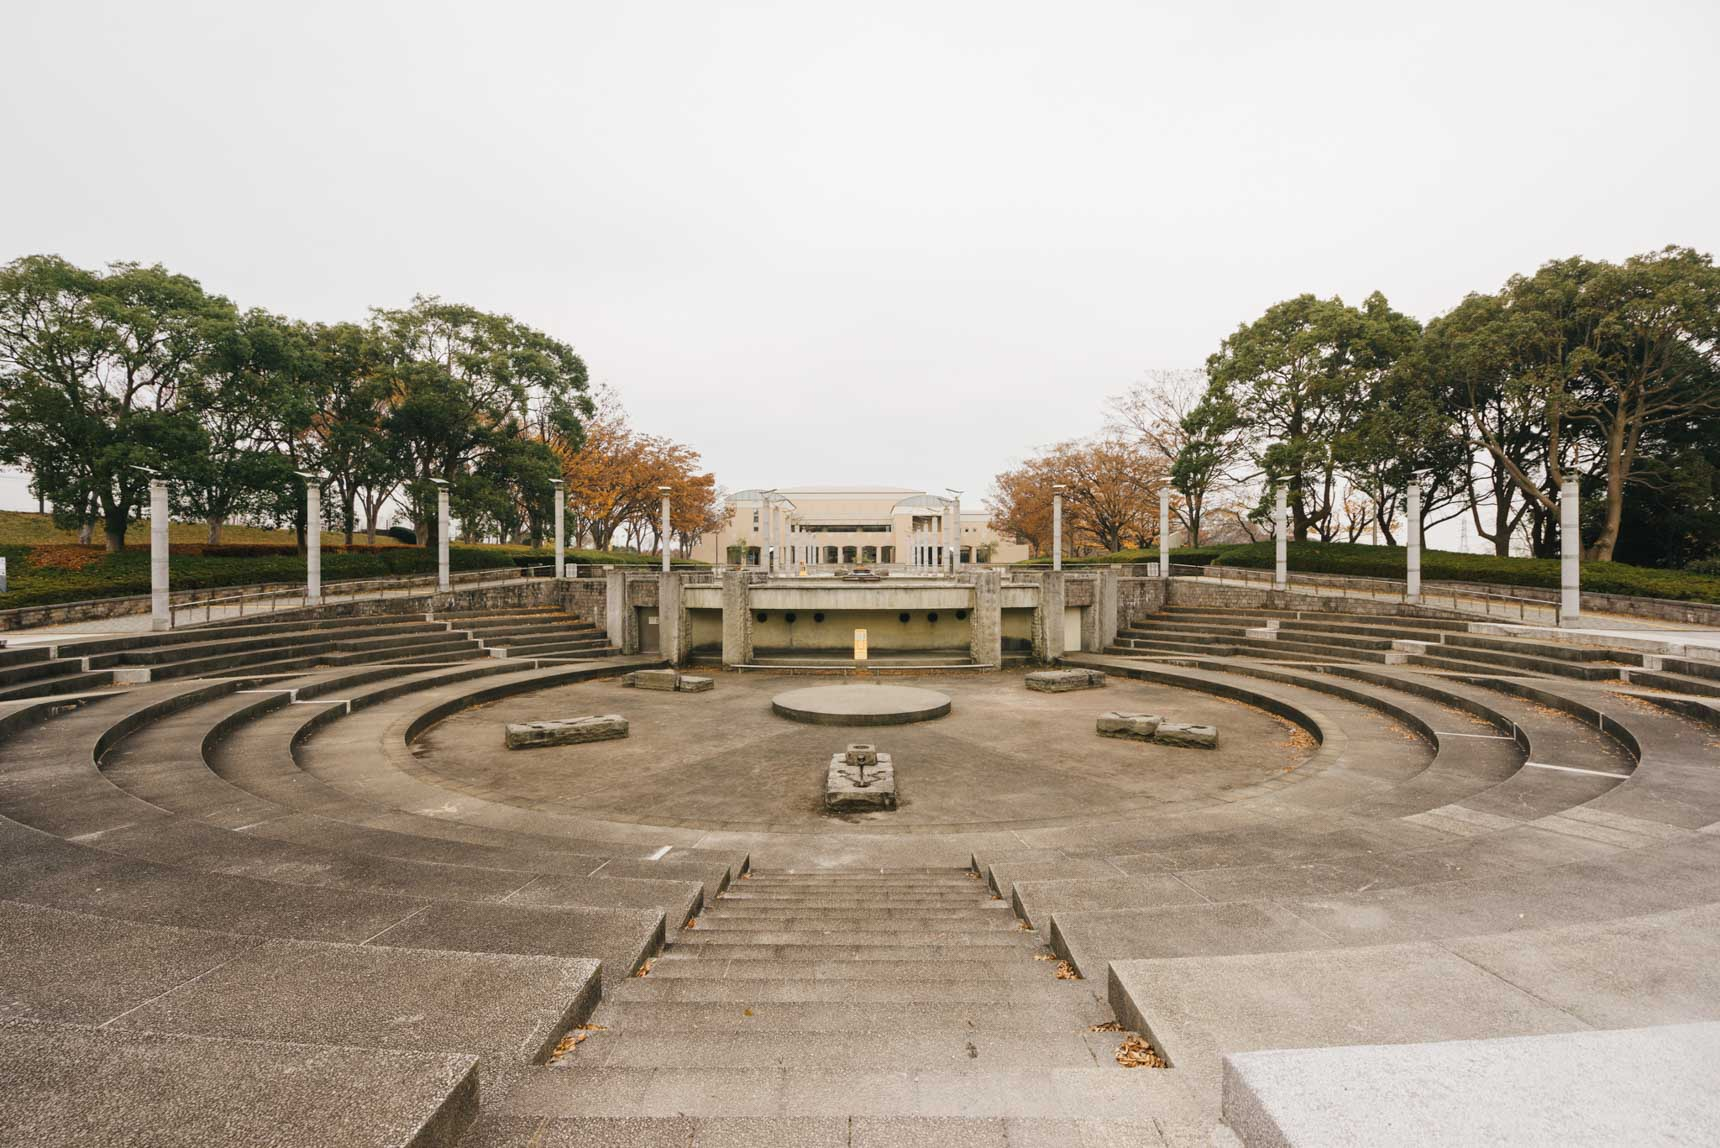 綺麗な銀杏並木を挟んですぐお隣に、サッカー場やラグビー場まで備える広大な神奈川県立保土ヶ谷公園があり、かなり緑豊かな環境です。